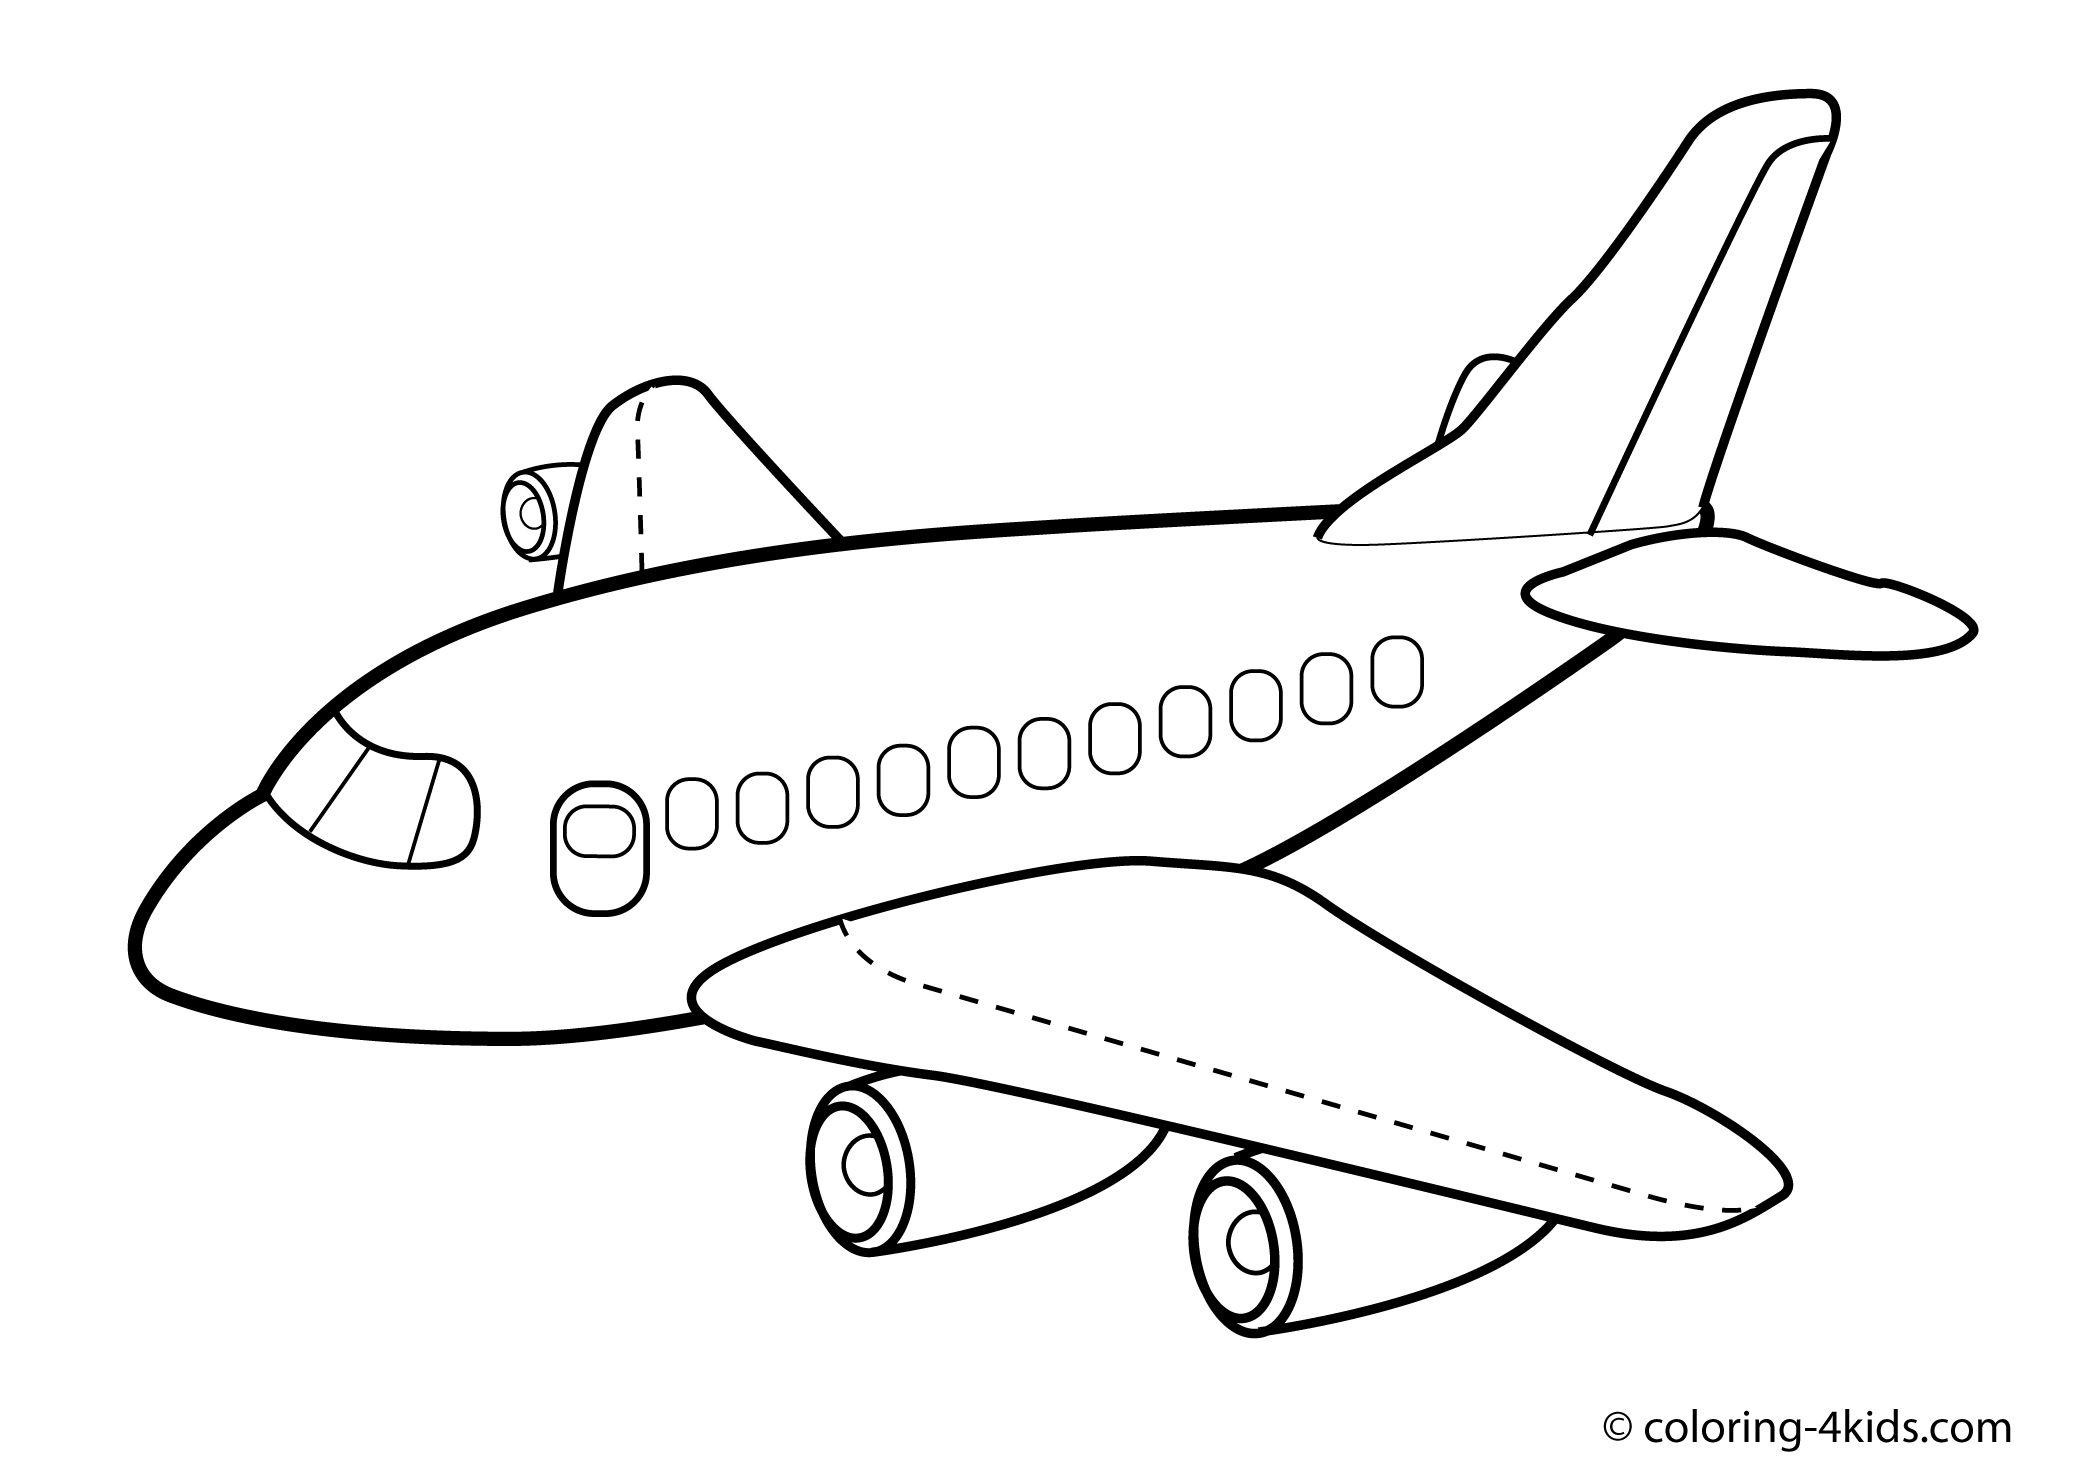 Malvorlagen Planes in 8  Flugzeug zeichnung, Kostenlose